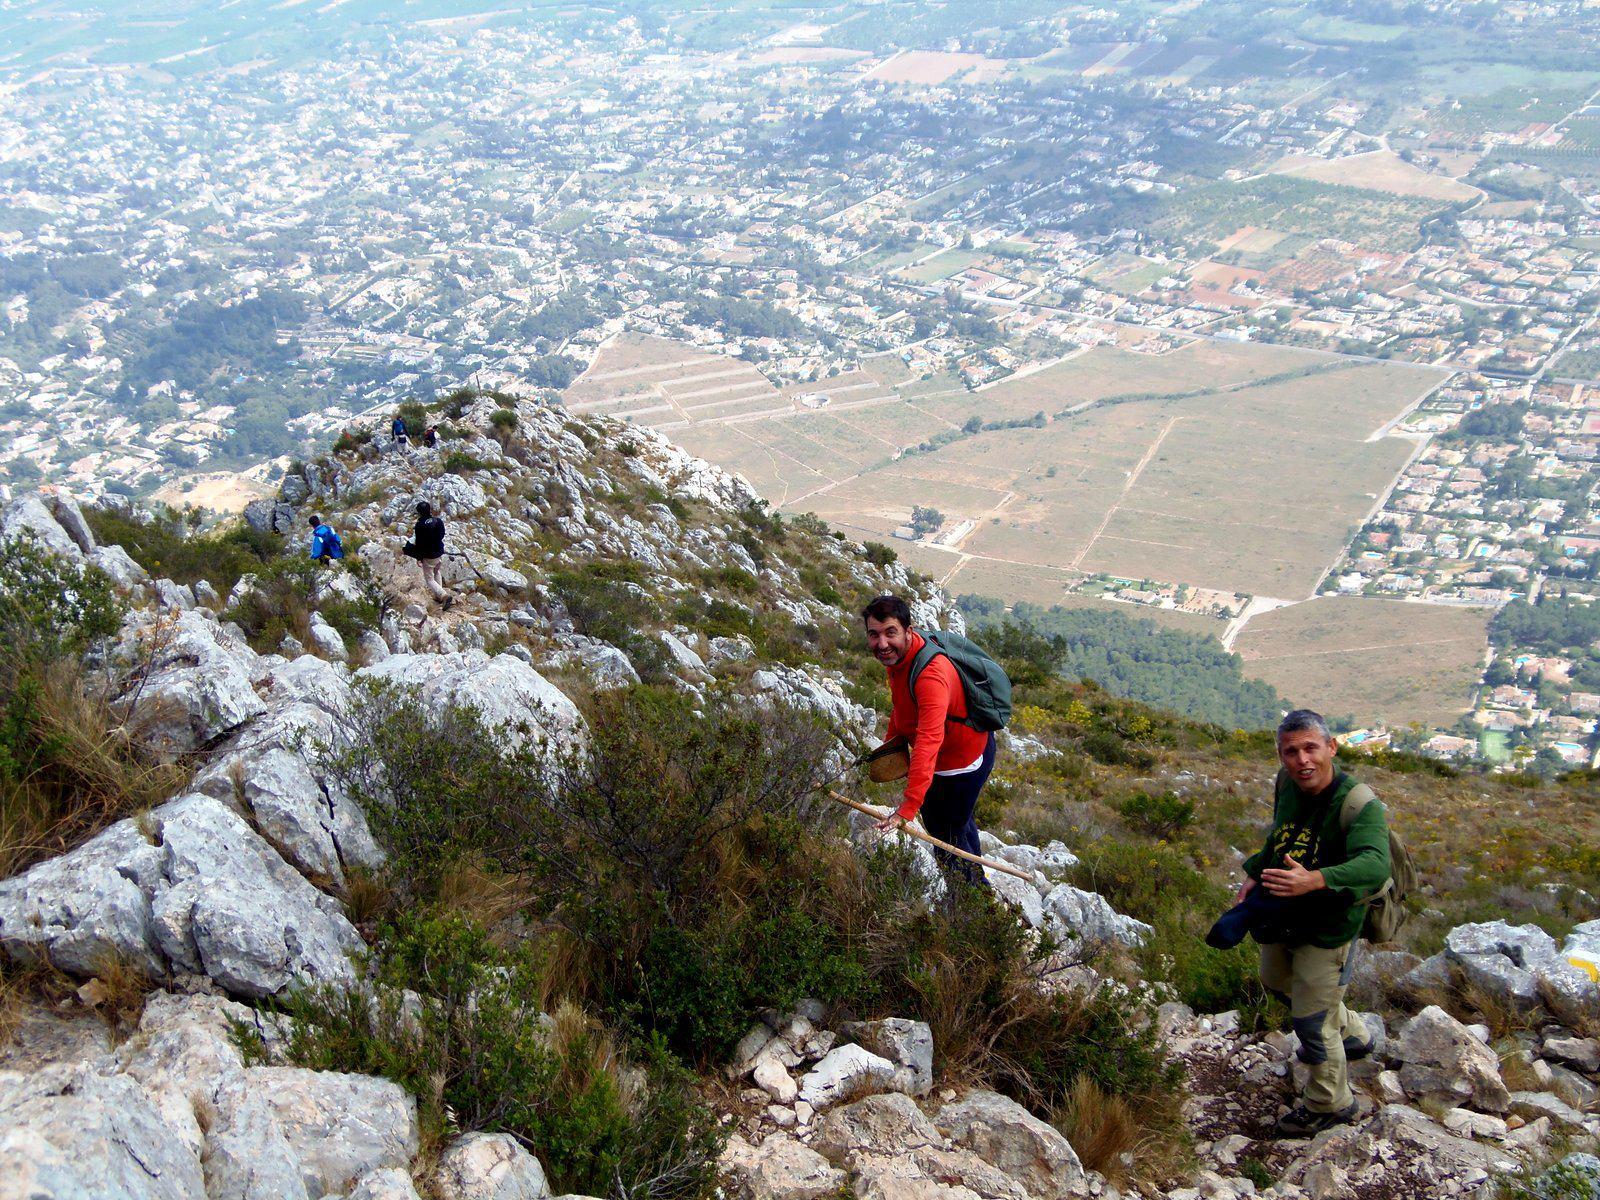 Fotos de l'excursió al Montgó, 19 de maig de 2012